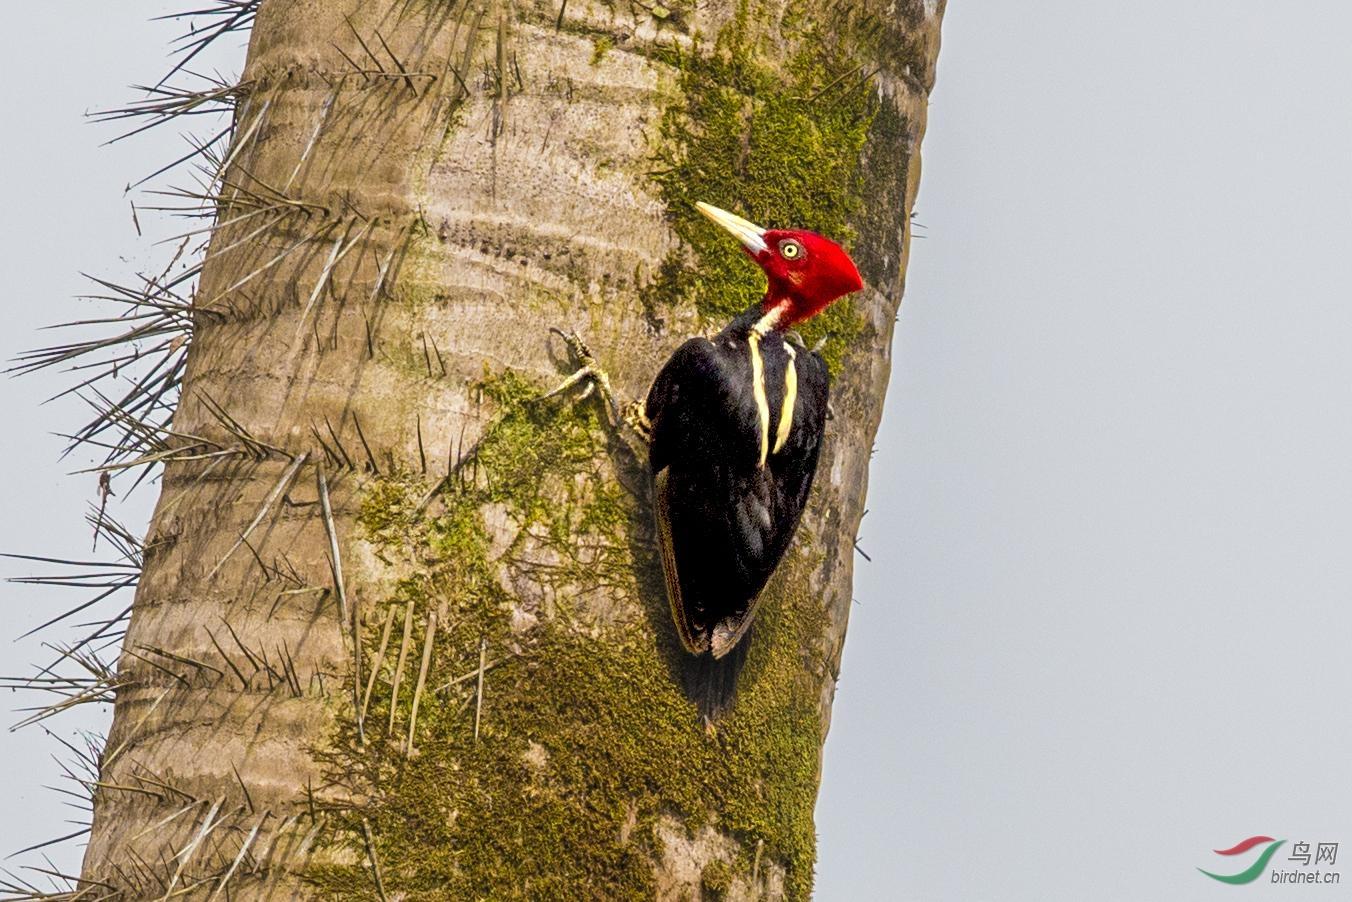 16天哥斯达黎加拍鸟团_页面_39_图像_0001.jpg